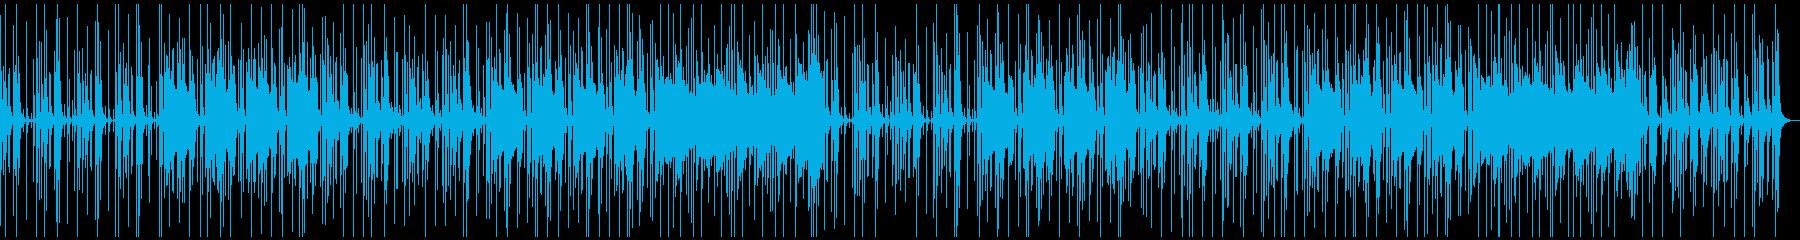 ほのぼの・軽快なBGMの再生済みの波形